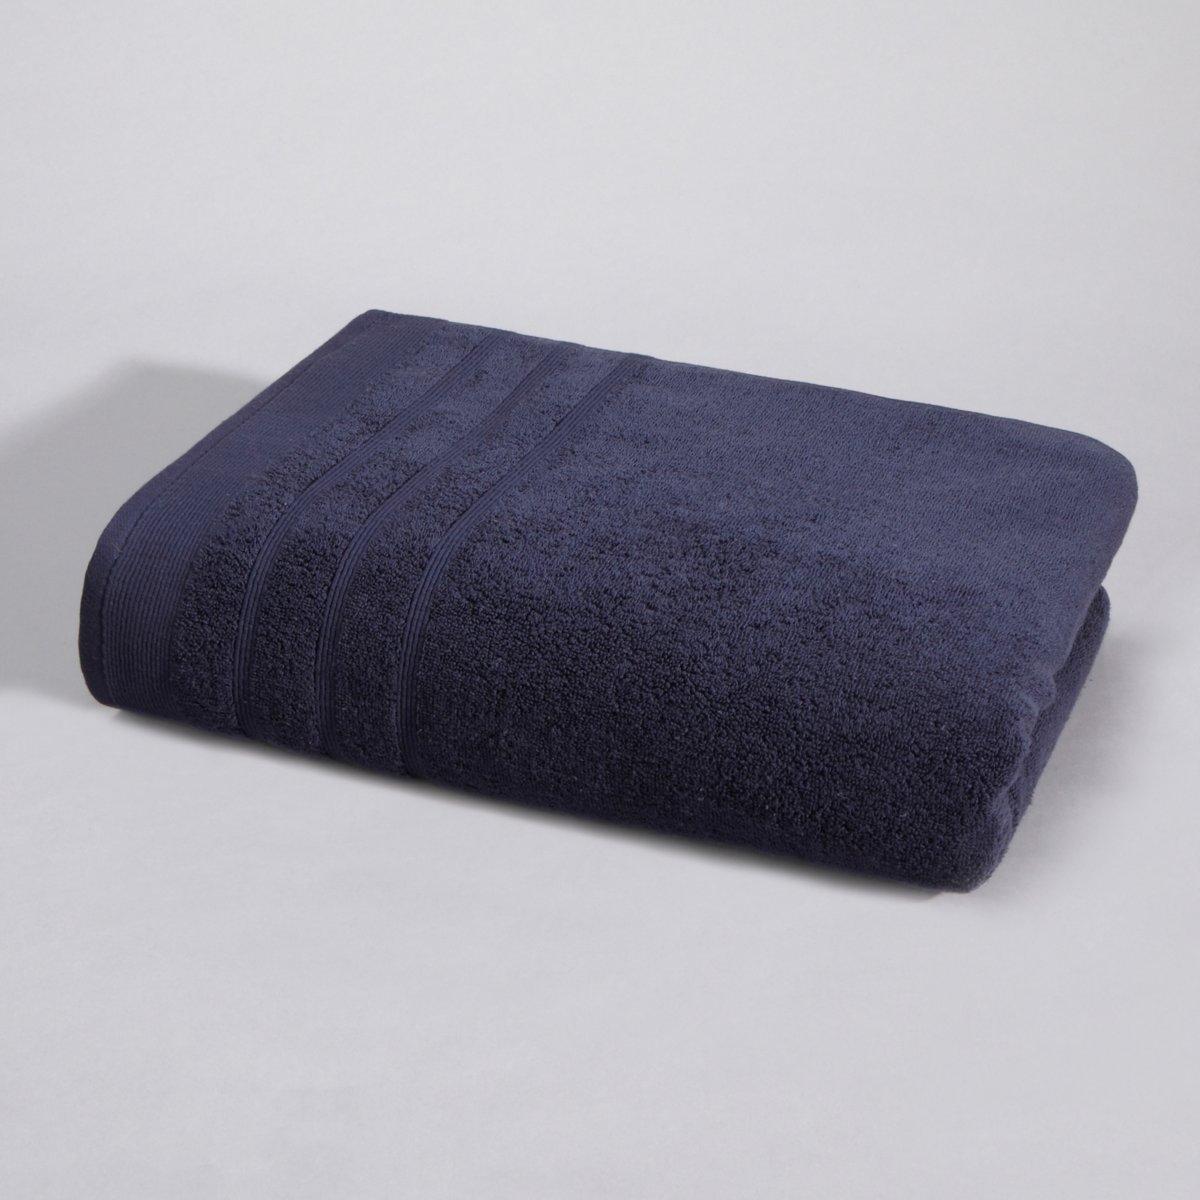 Полотенце банное 600 г/м?, Качество BestХарактеристики банного полотенца :Качество BEST.Махровая ткань 100 % хлопка.Машинная стирка при 60°.Размеры банного полотенца:70 x 140 см.<br><br>Цвет: бежевый,гранатовый,зеленый мох,розовая пудра,светло-синий,Серо-синий,синий морской,фиолетовый,шафран<br>Размер: 70 x 140 см.70 x 140 см.70 x 140 см.70 x 140 см